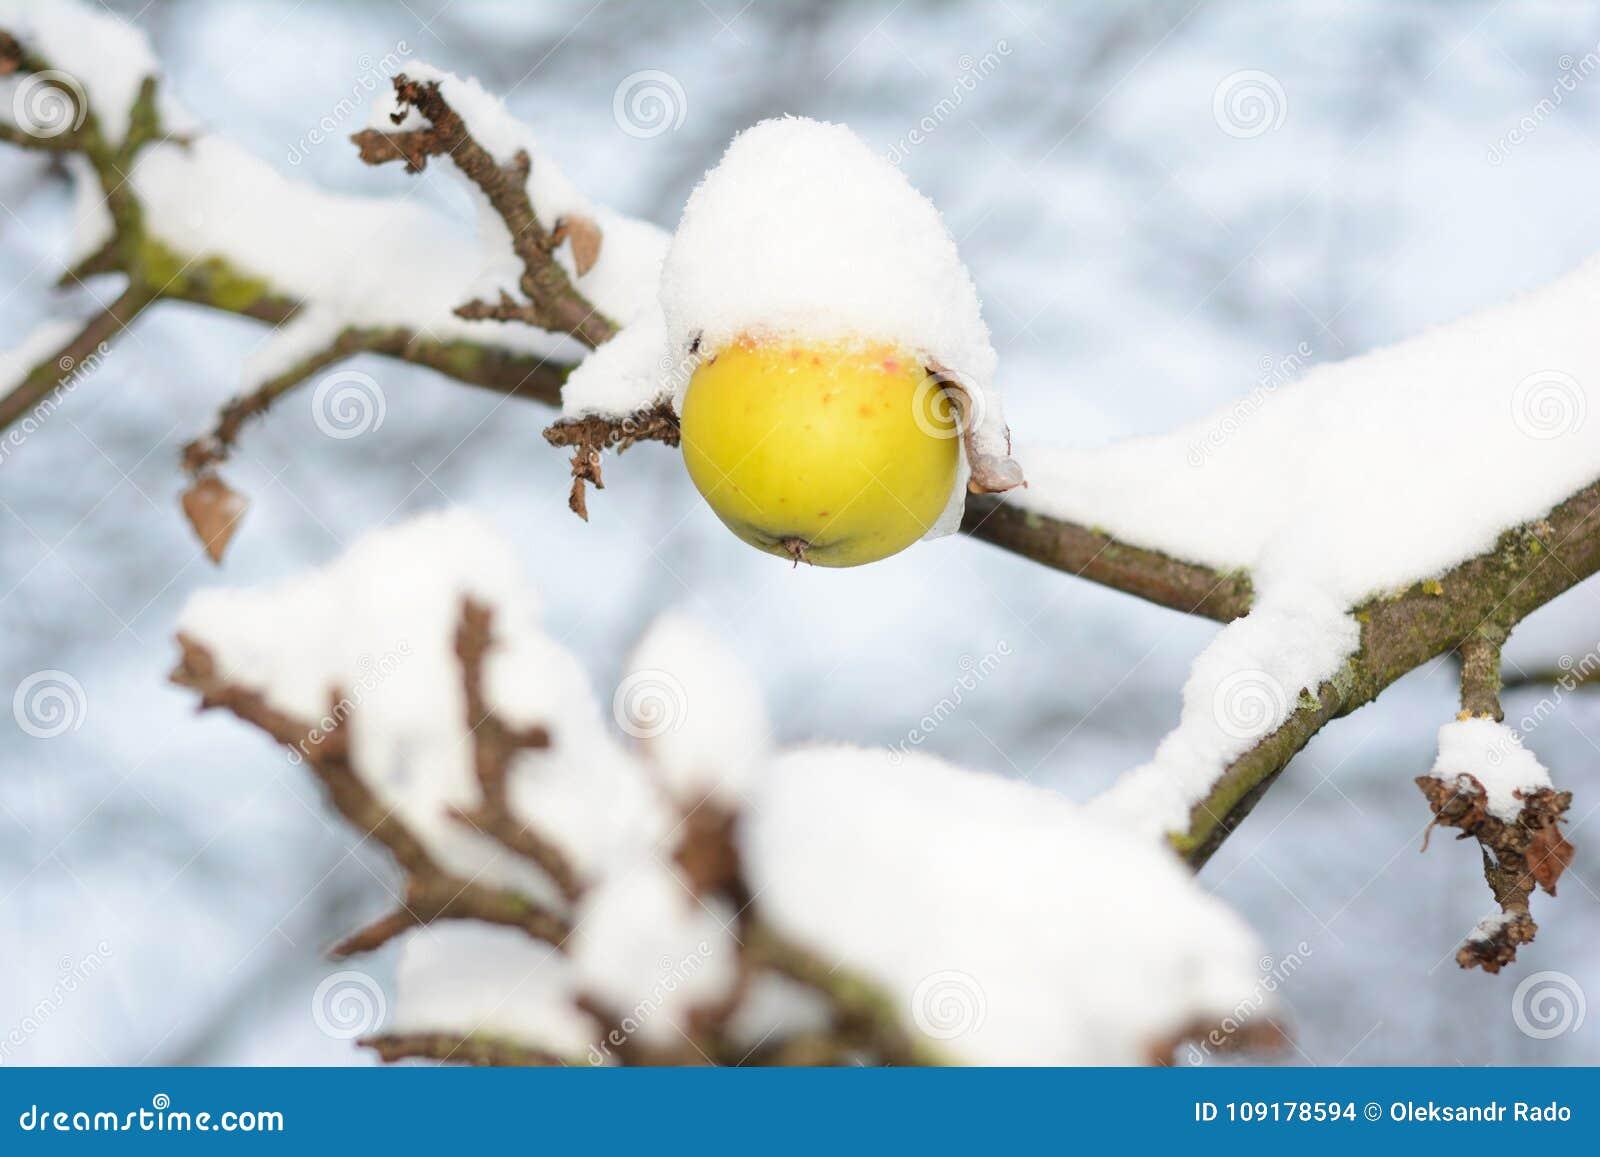 Maçã madura Calleville nevado no ramo de árvore na neve Jardim do fruto no inverno